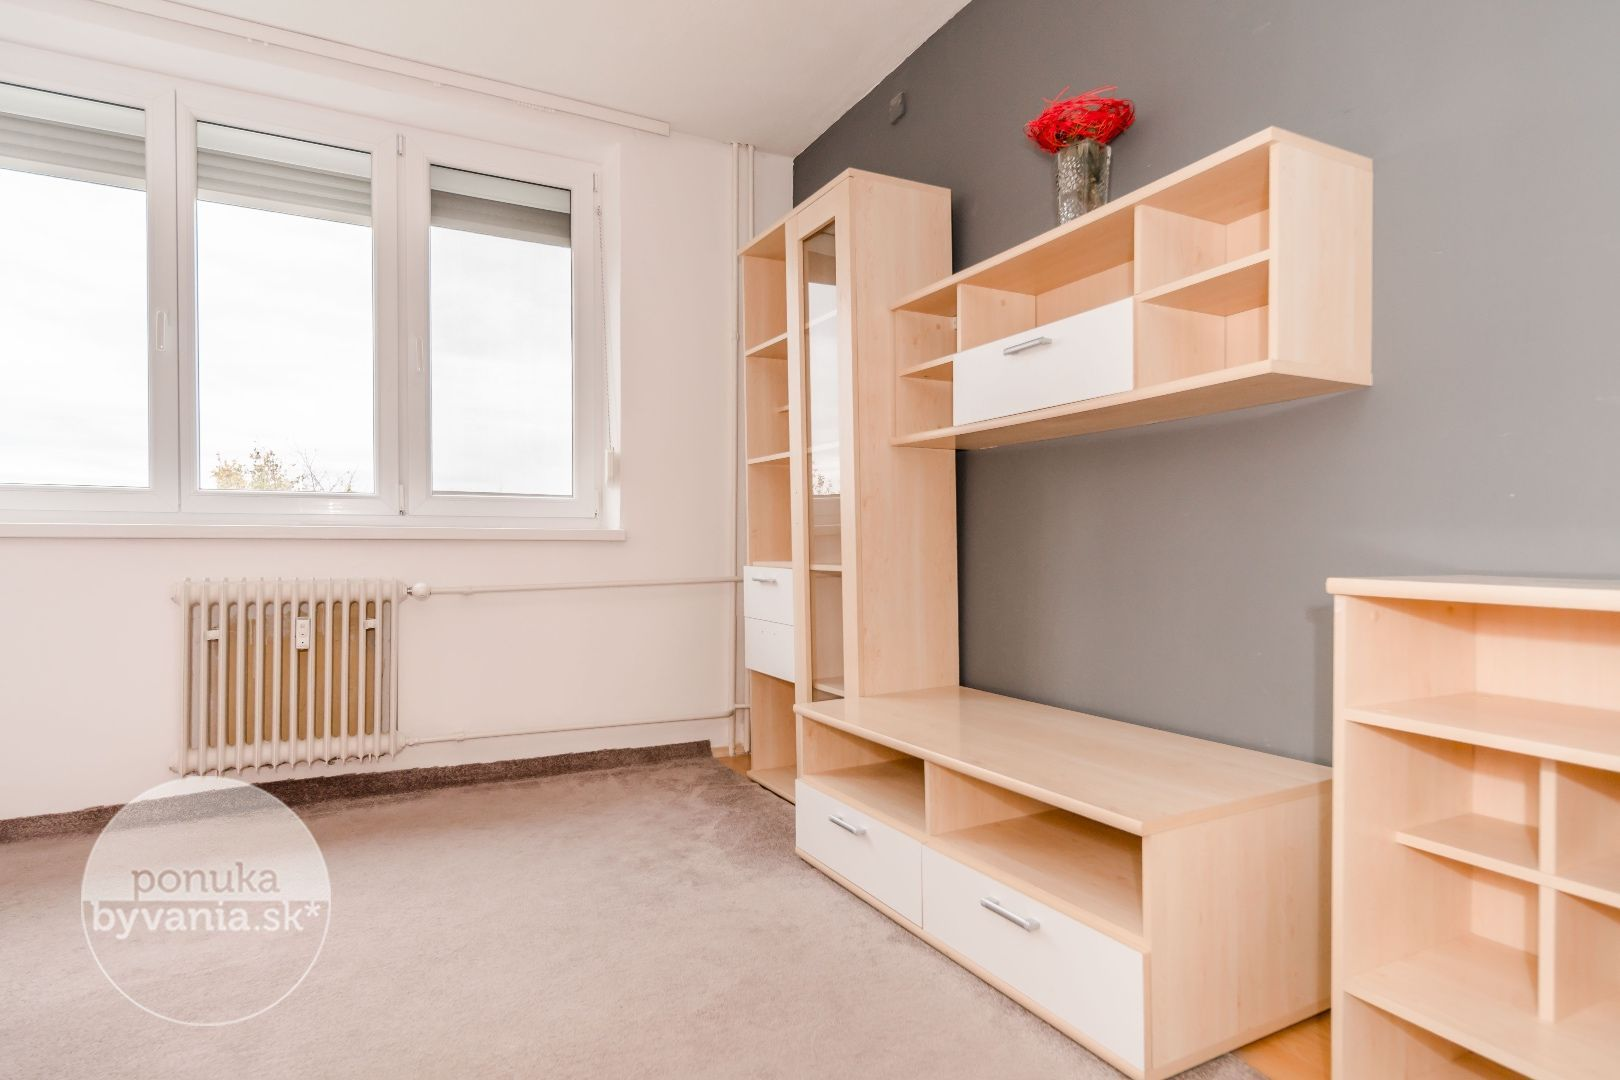 ponukabyvania.sk_Za hradbami_2-izbový-byt_archív